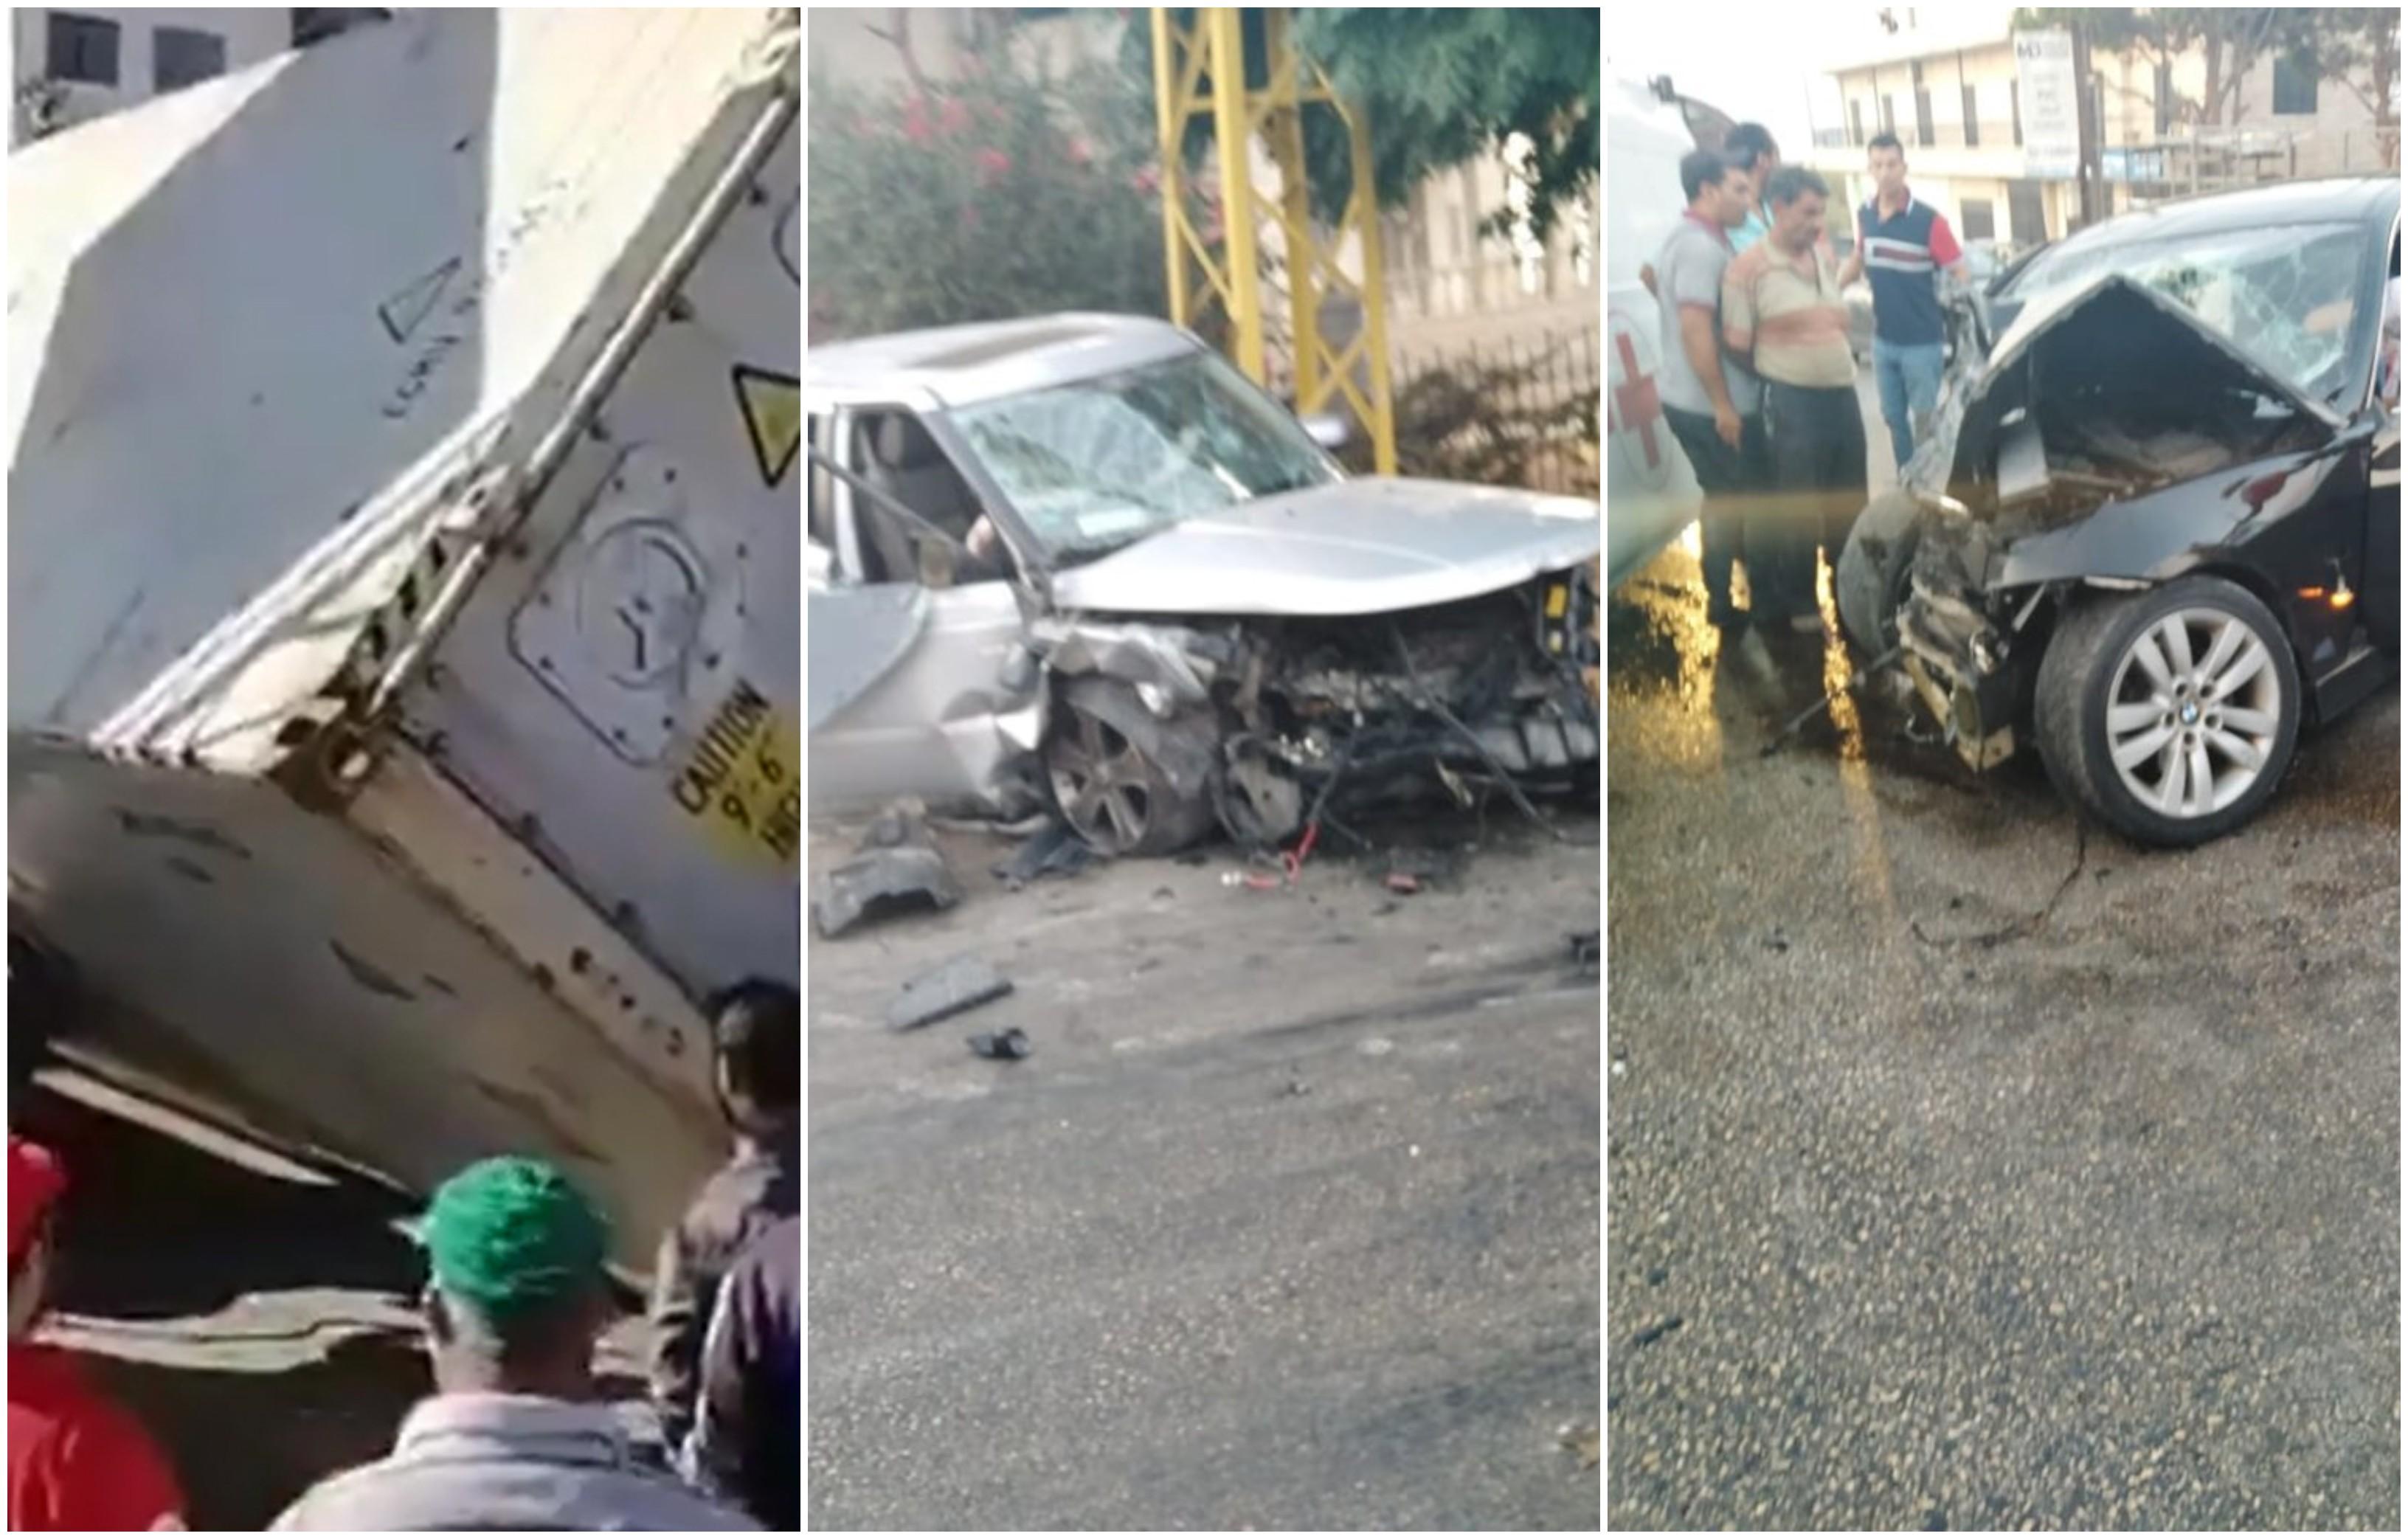 خلال الـ24 ساعة الماضية: 5 قتلى و21 حادث سير وإهمال الطرقات مستمر !